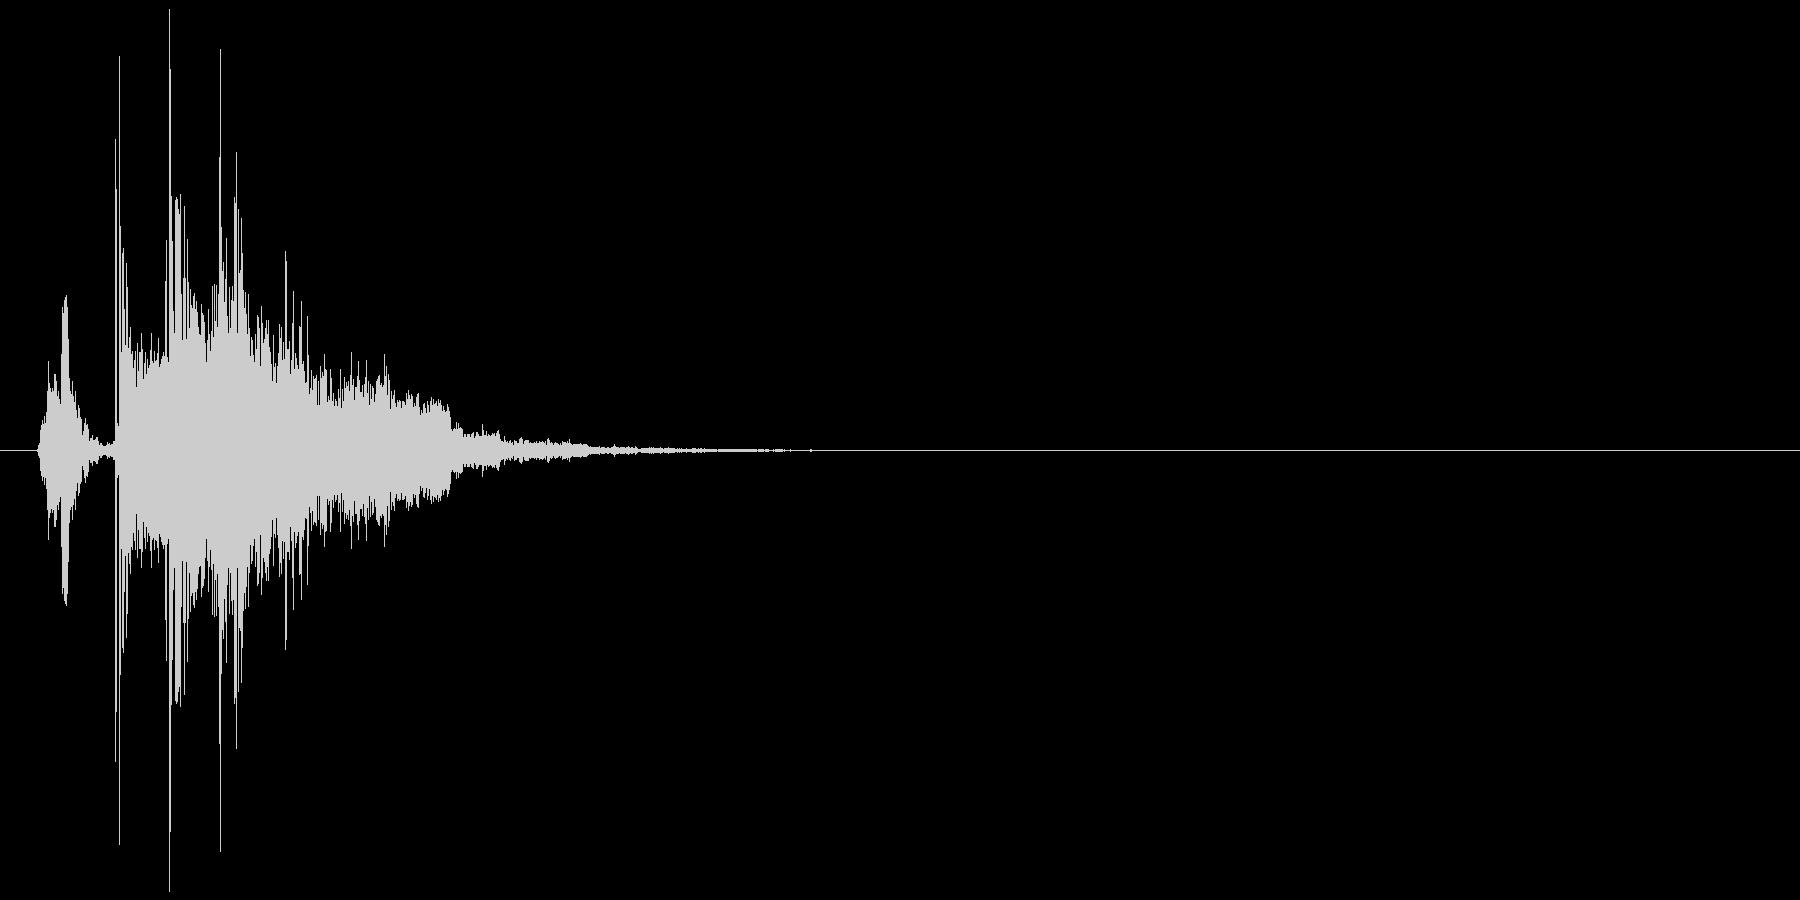 氷の塊を投げるような効果音の未再生の波形